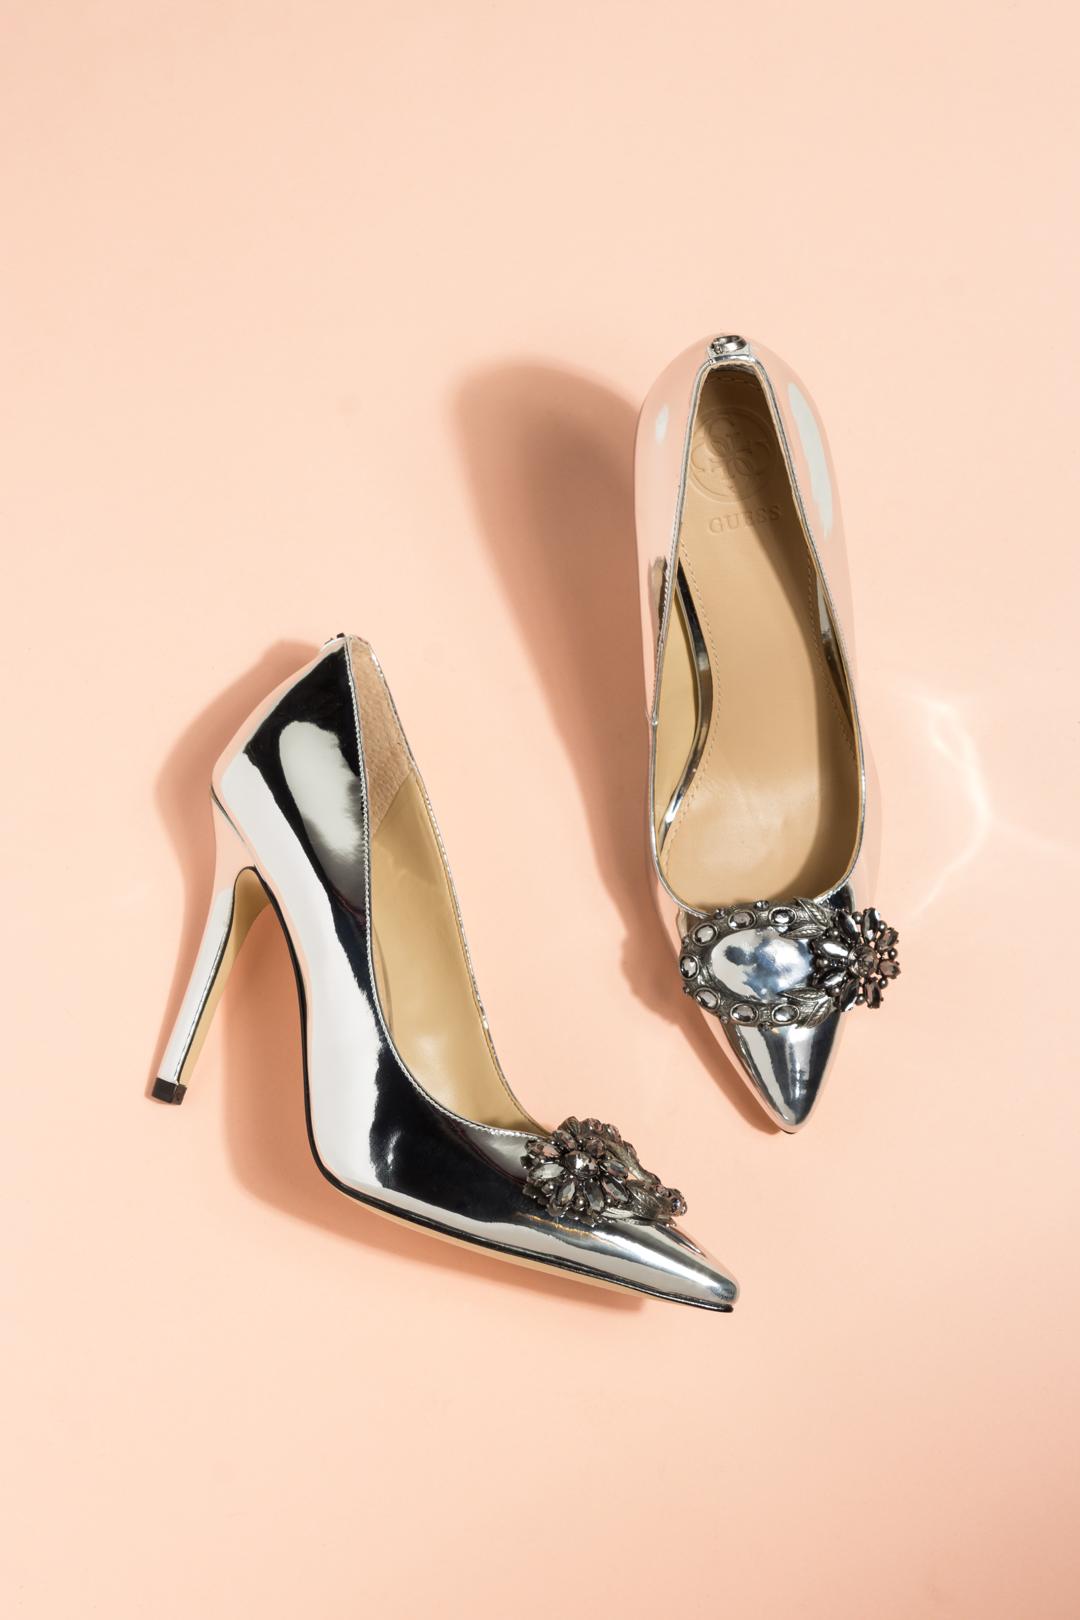 PROF Shoes (com imagens) | Sapatos online, Sapatos, Melhores